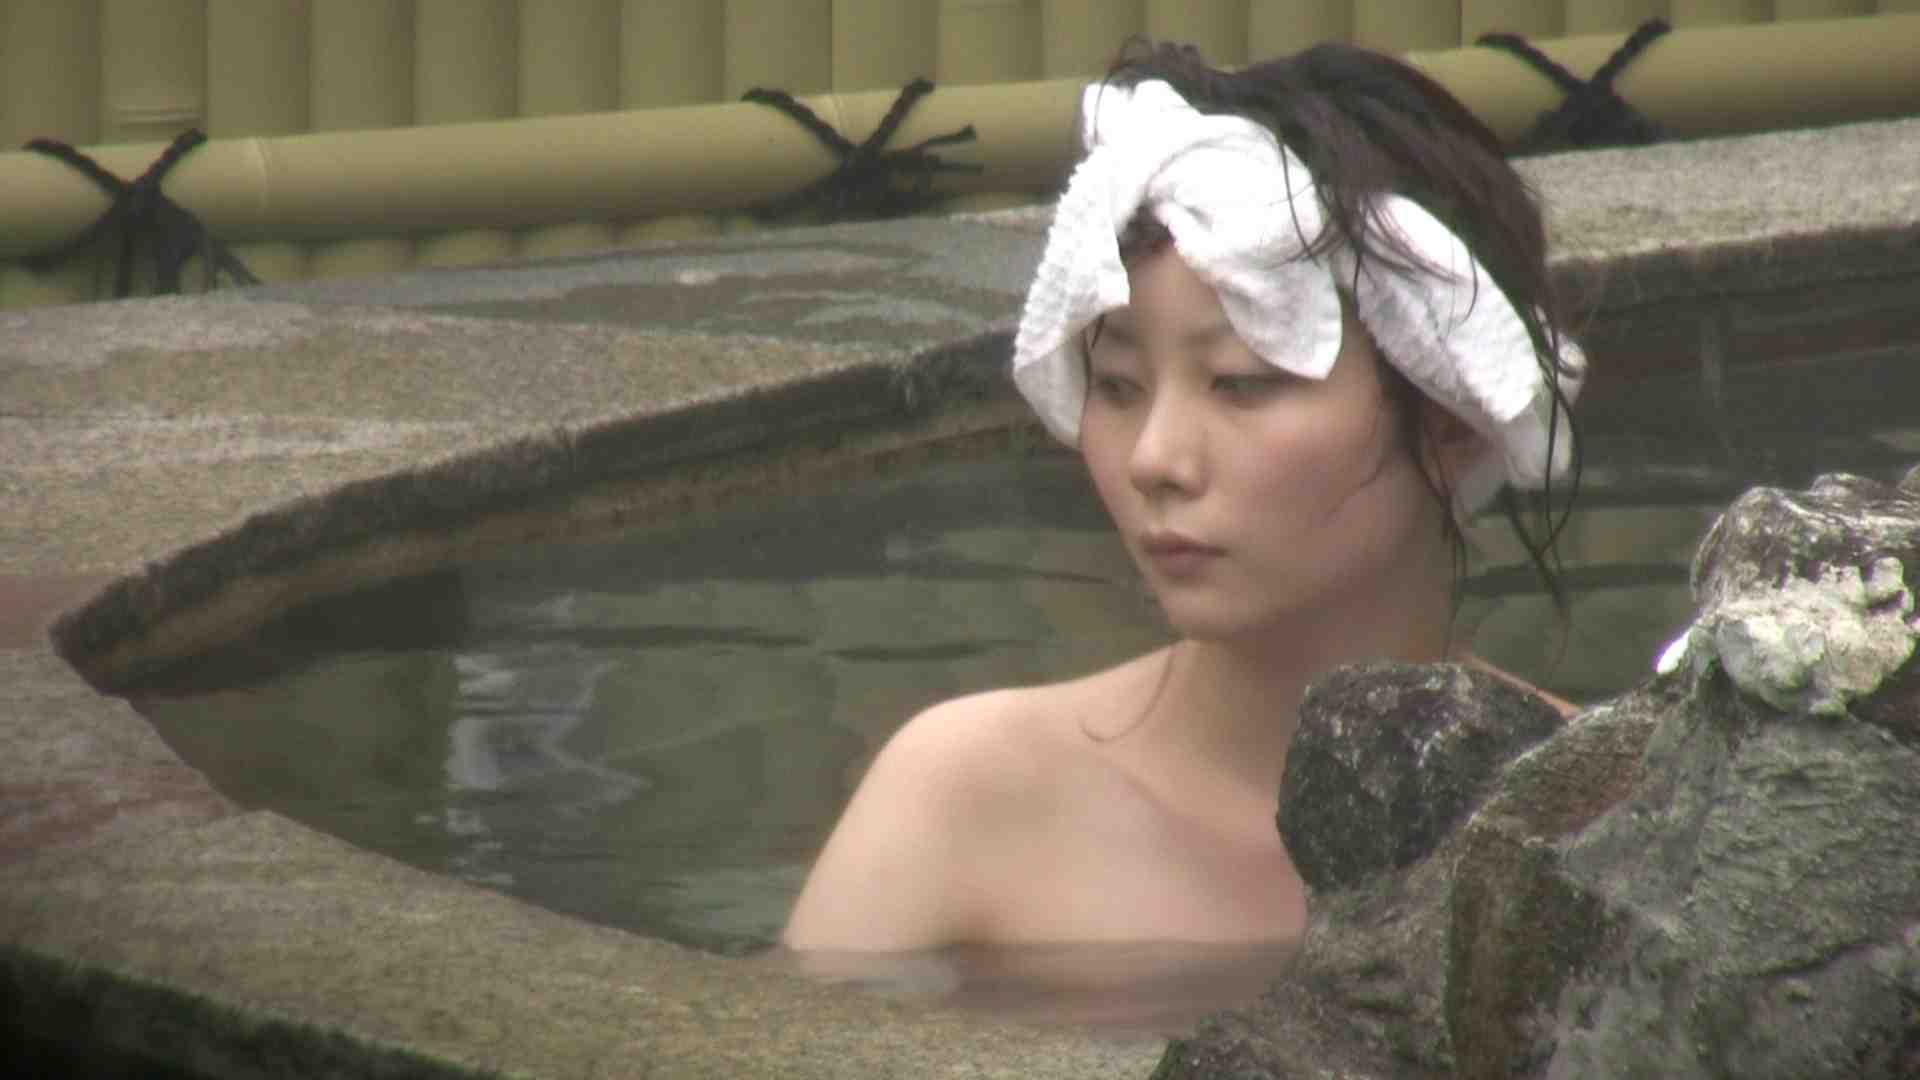 Aquaな露天風呂Vol.147 盗撮  85画像 36